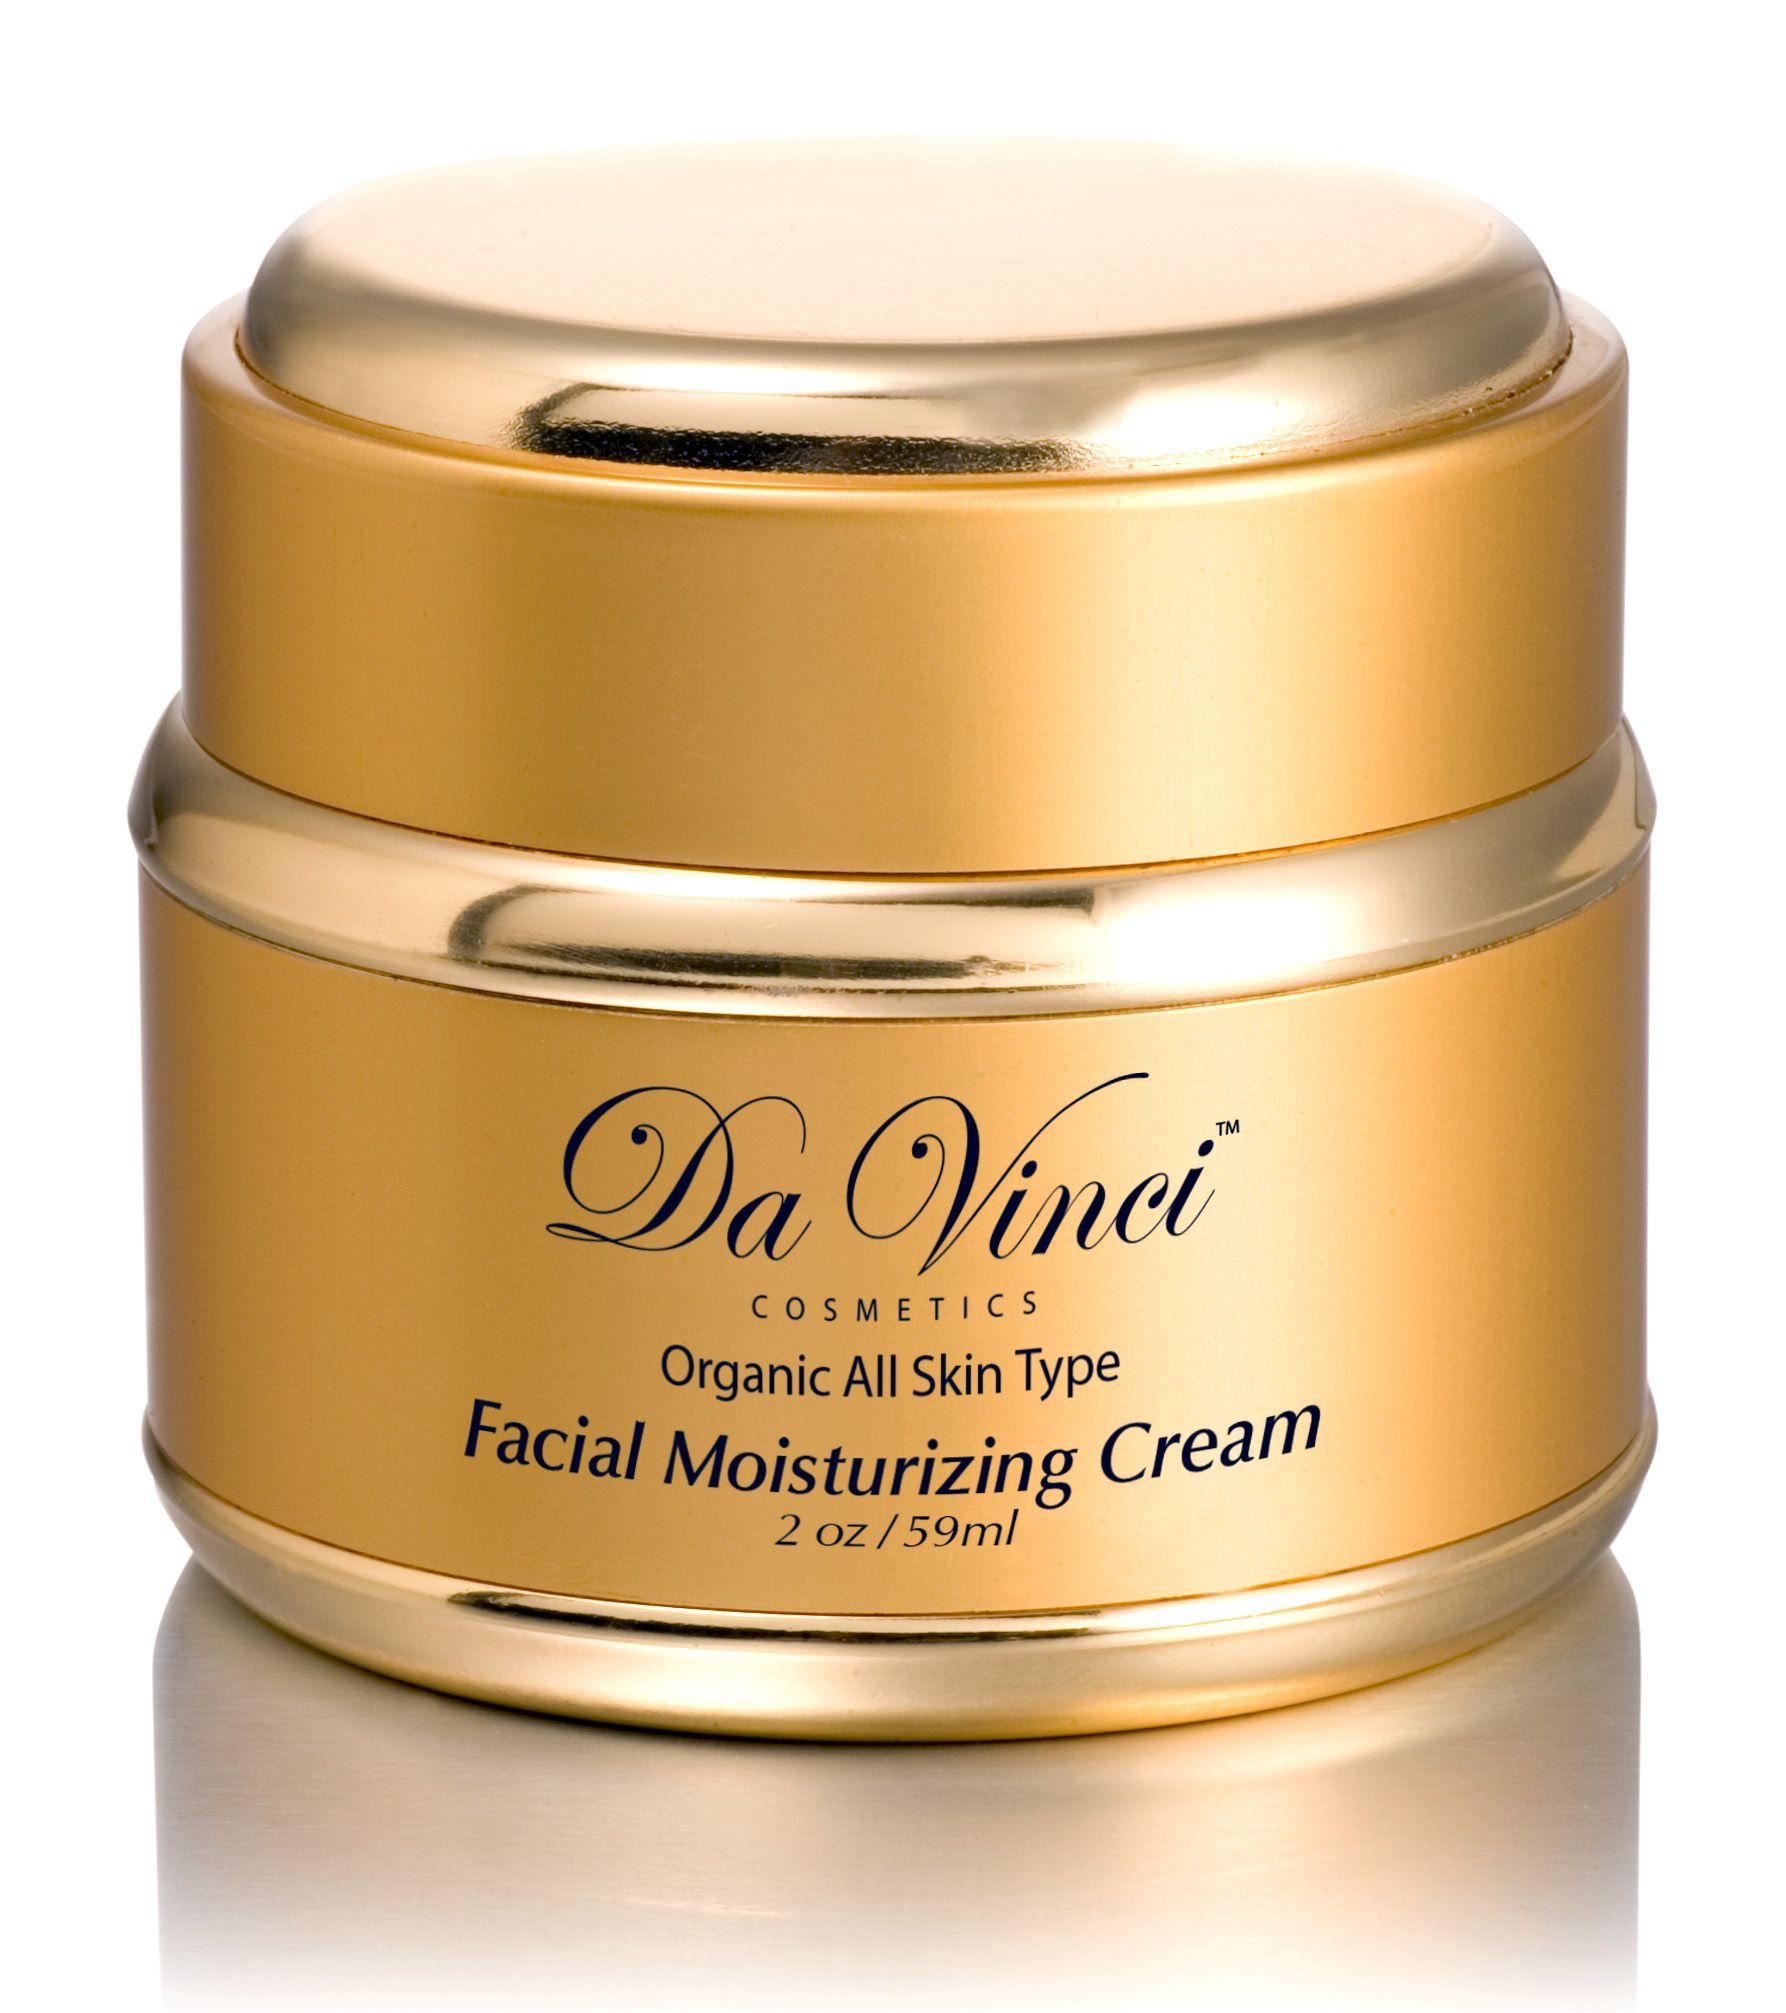 Da Vinci Cosmetics Facial Moisturizing Cream Light